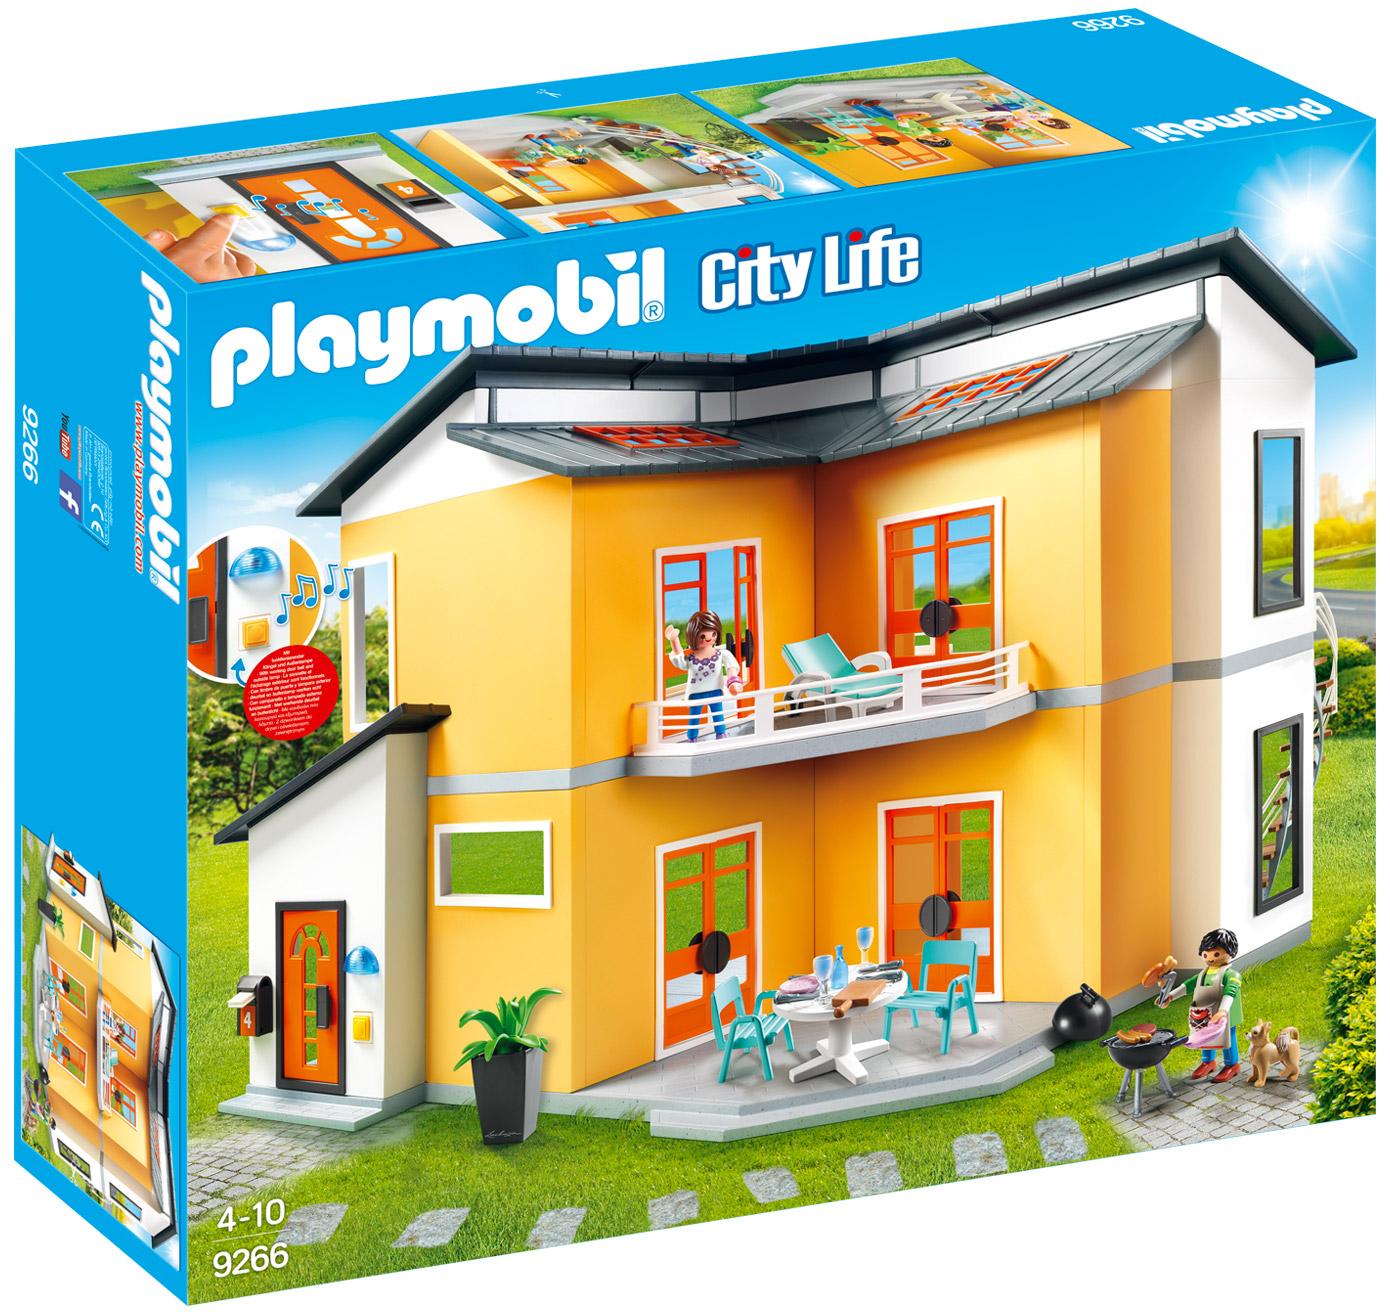 Playmobil city life 9266 pas cher maison moderne - Maison les moins cher ...